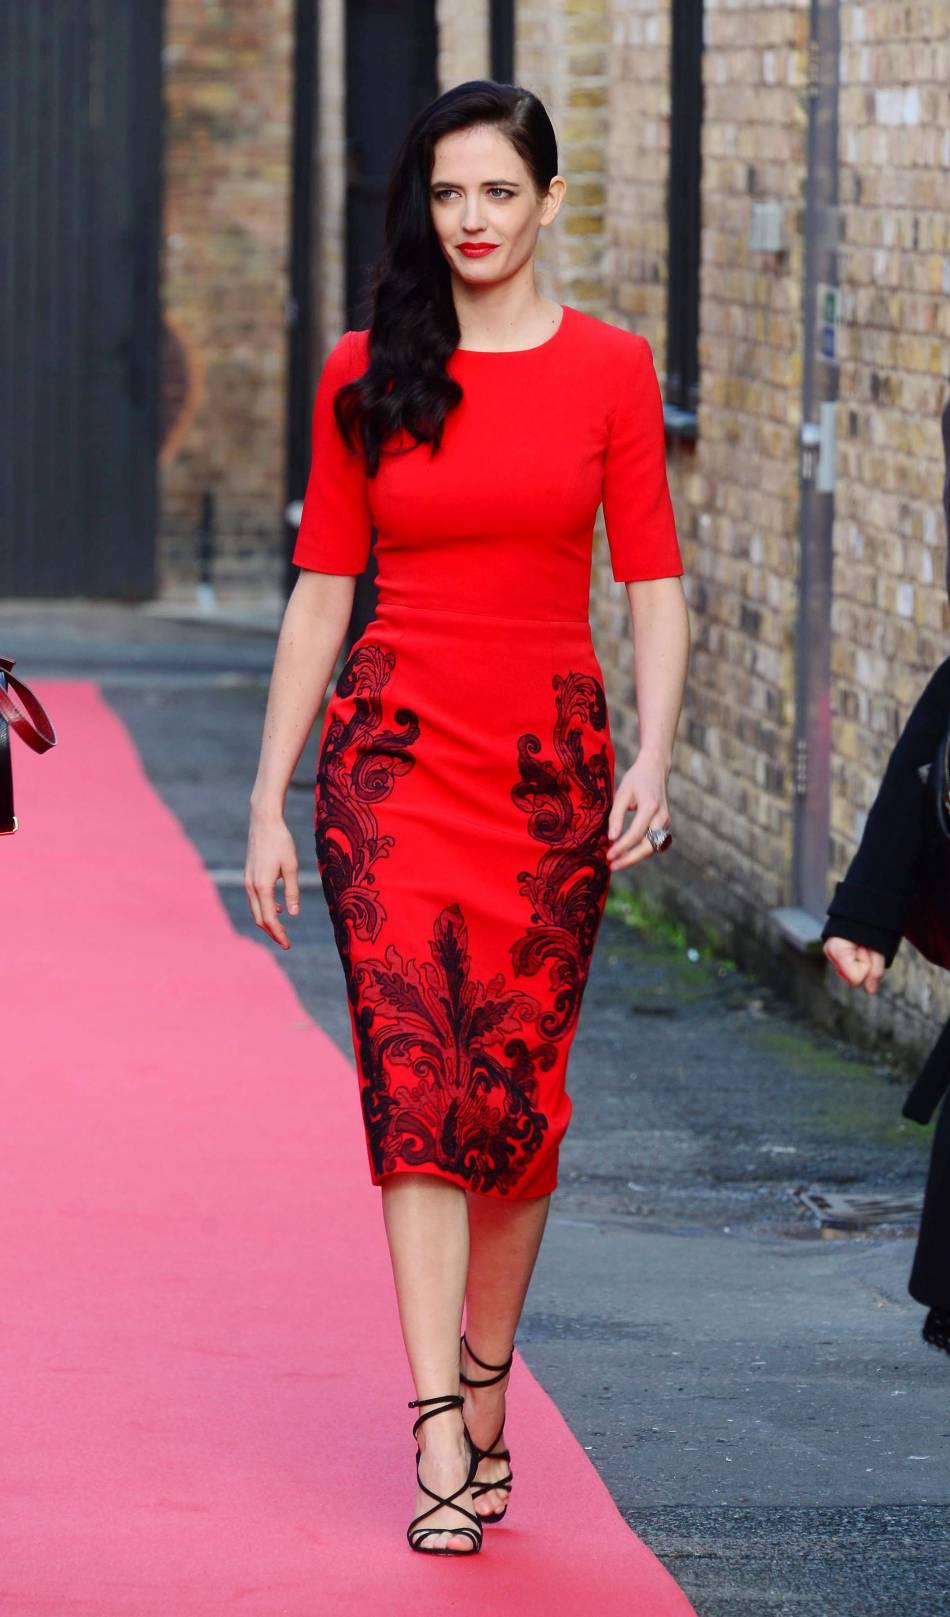 Novembre 2014, Eva Green est présente pour le lancement du calendrier Campari. Elle est divine en rouge et noir. La transformation est totale, parfaite.